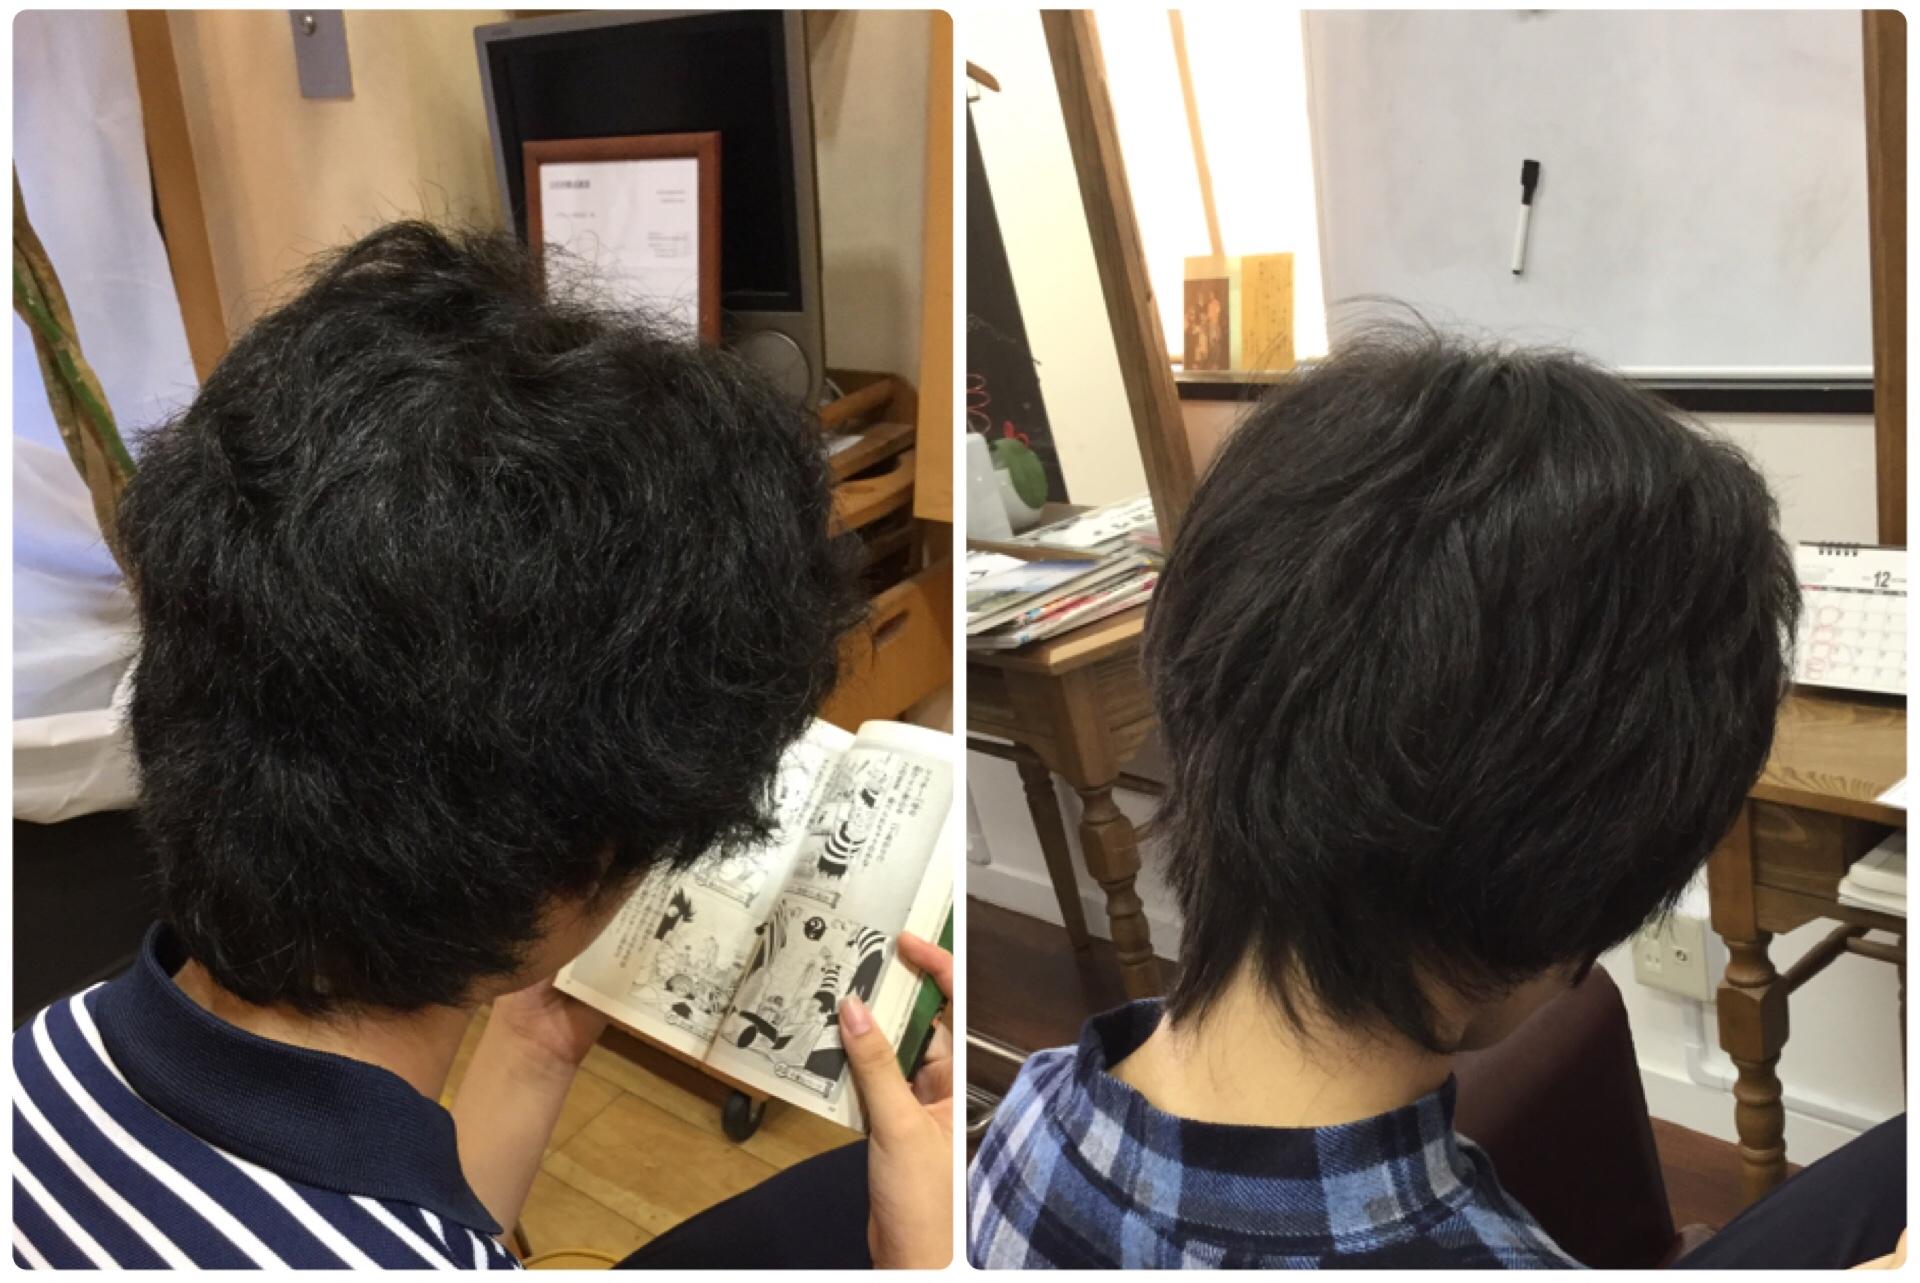 くせ毛のショートカットに縮毛矯正しかない!神戸くせ毛専門美容室アバディ